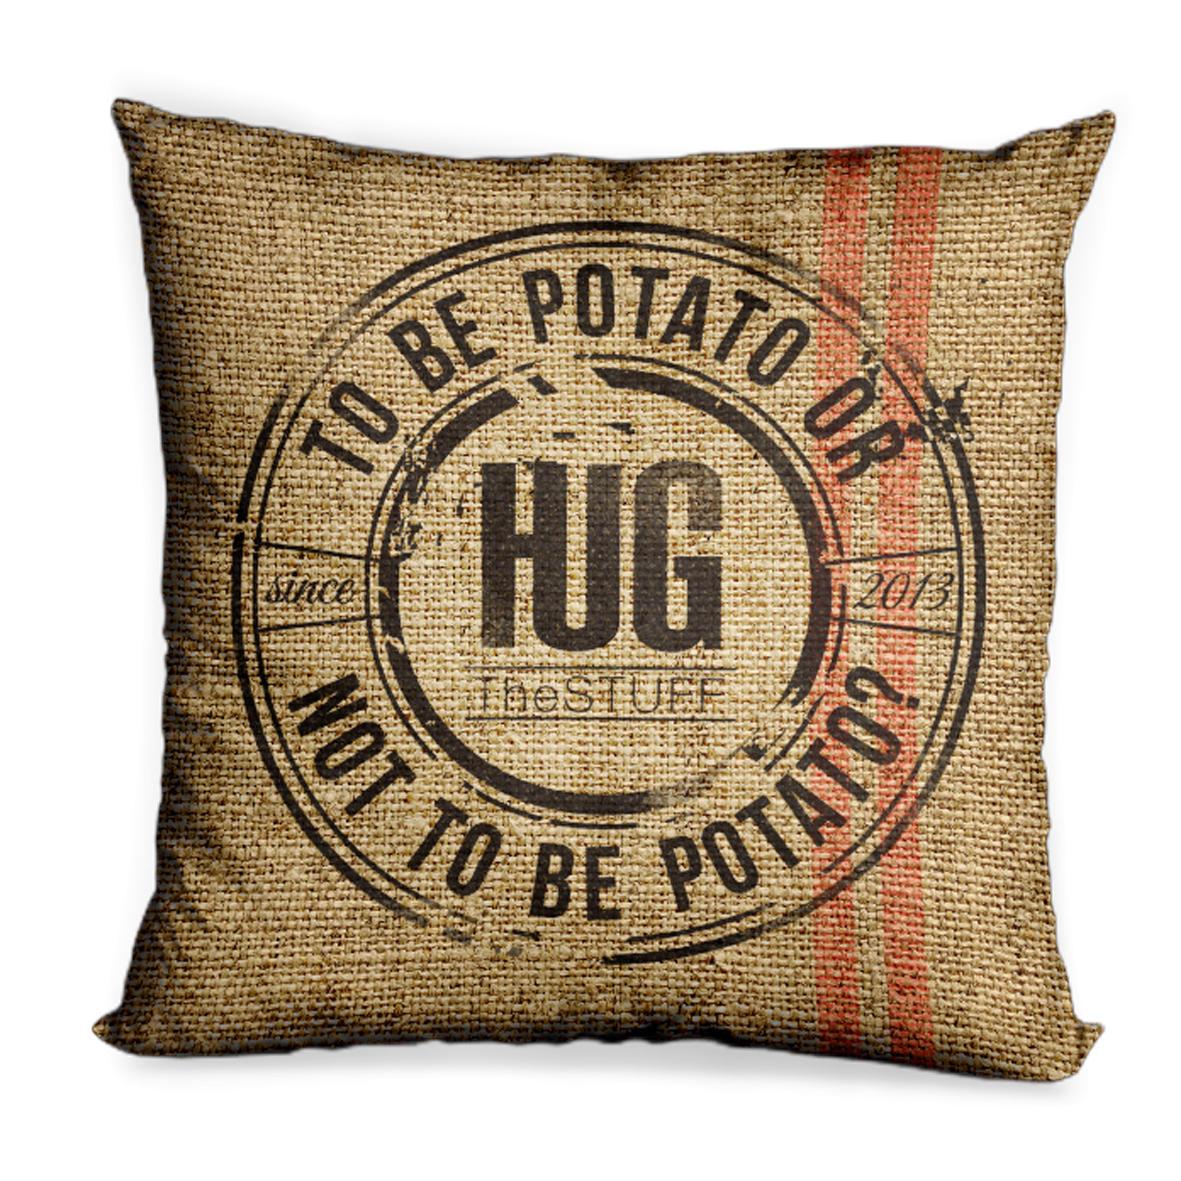 HUG The Stuff - weźmy się wreszcie za fajne pościele